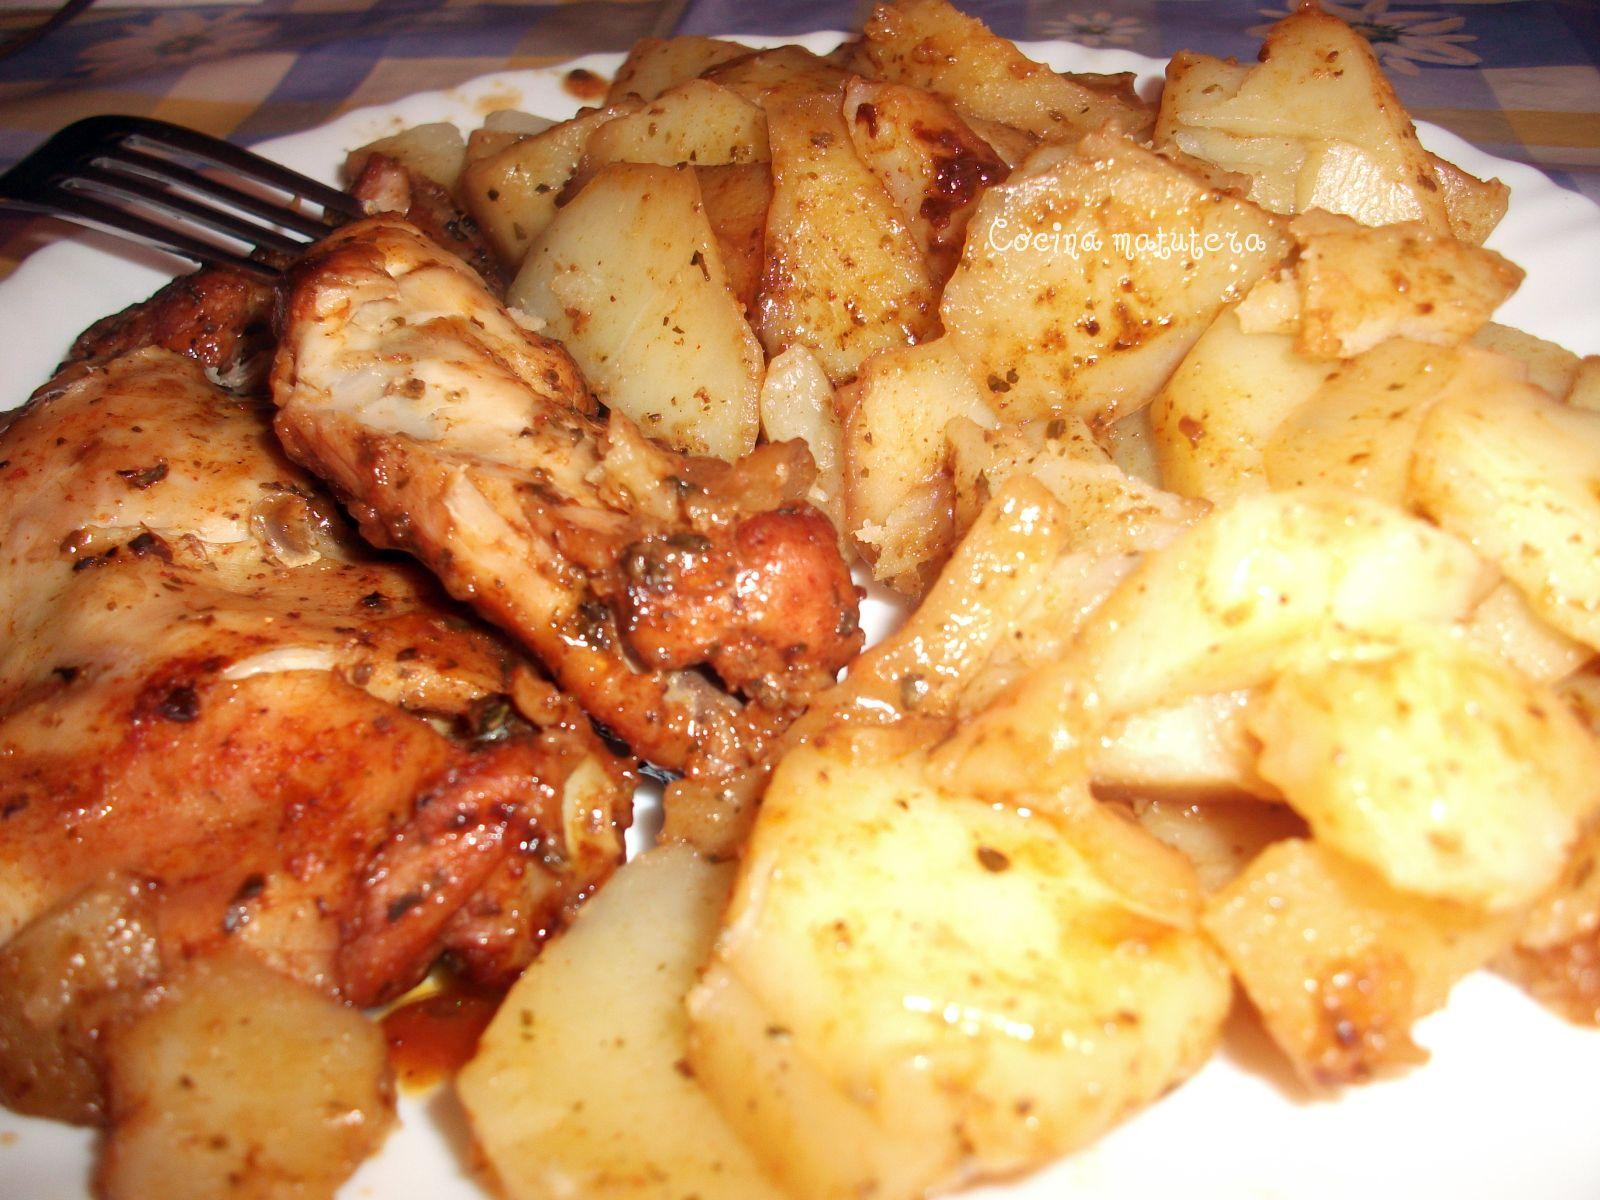 Cocina matutera pollo al horno con patatas - Pollo al horno con limon y patatas ...